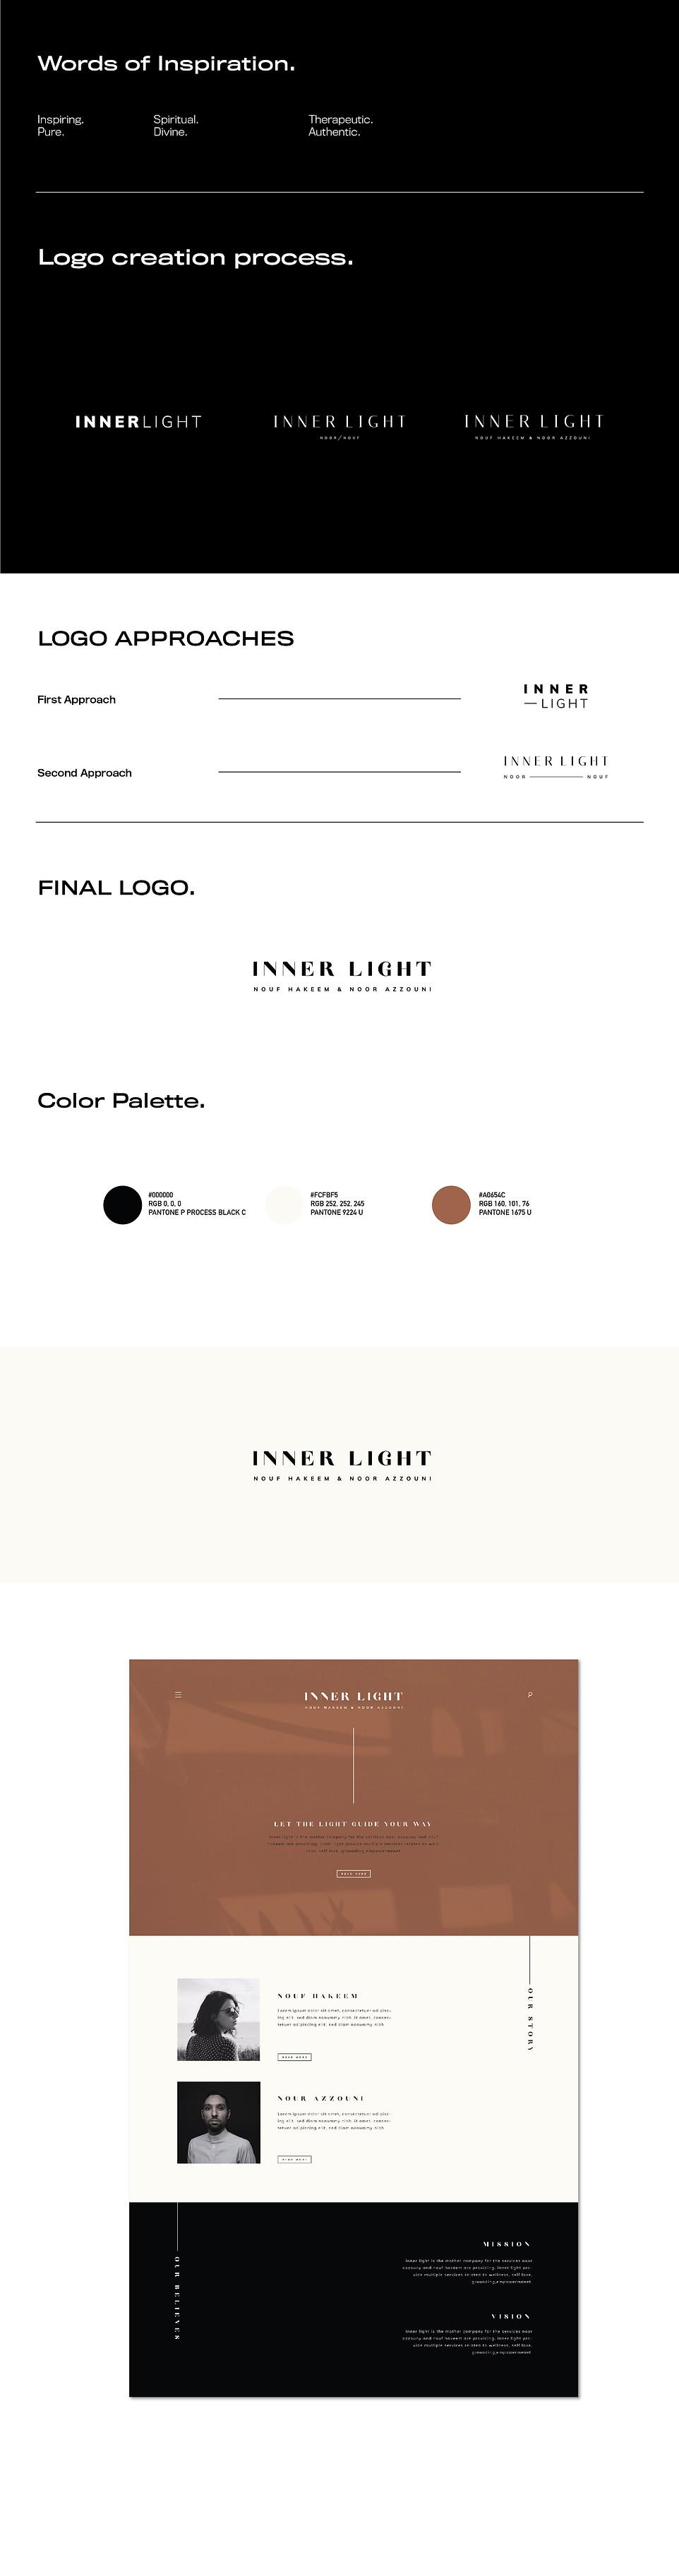 Innerlight | PROCESS-01.jpg